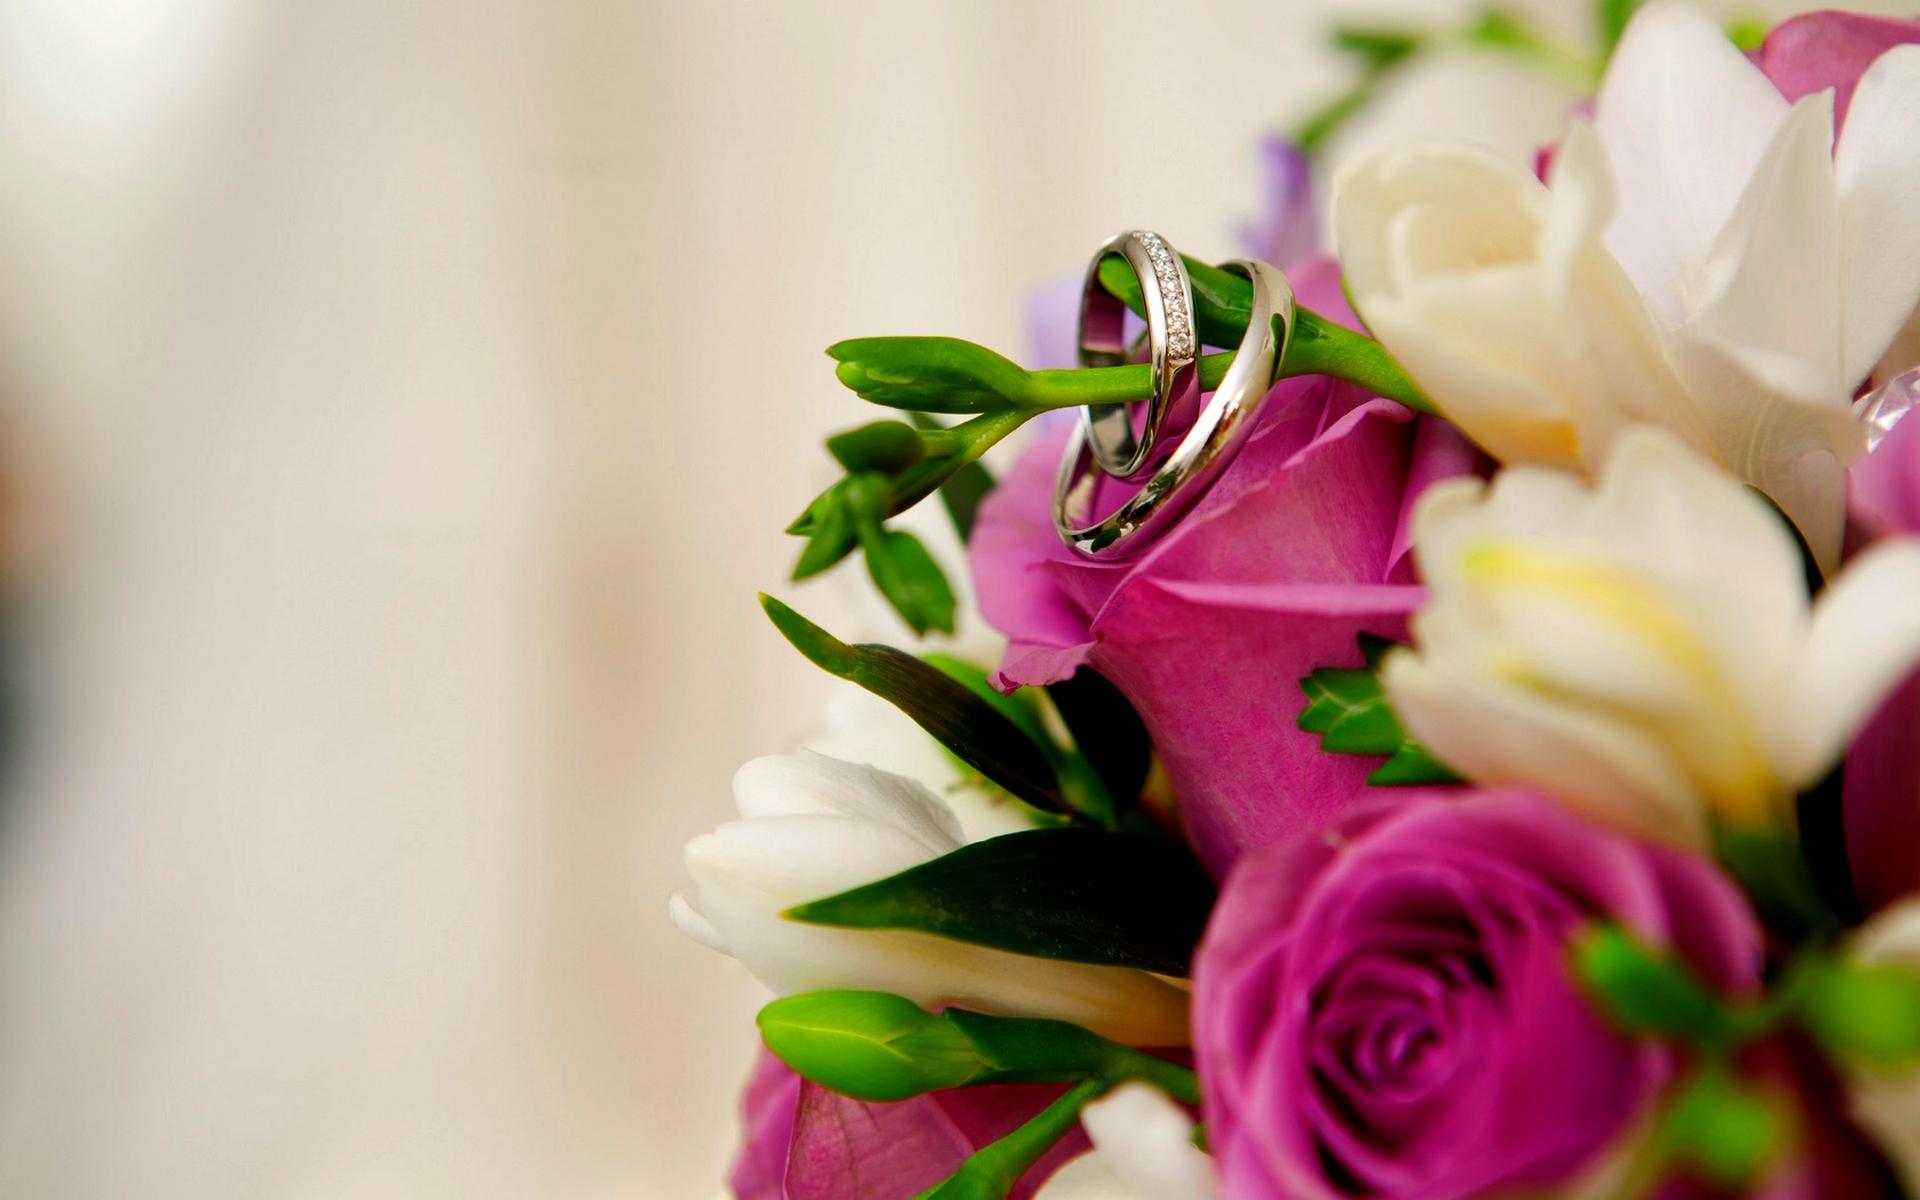 Wedding Rings On Flowers Bouquet Hd Wallpaper Wallpaper List 1920x1200